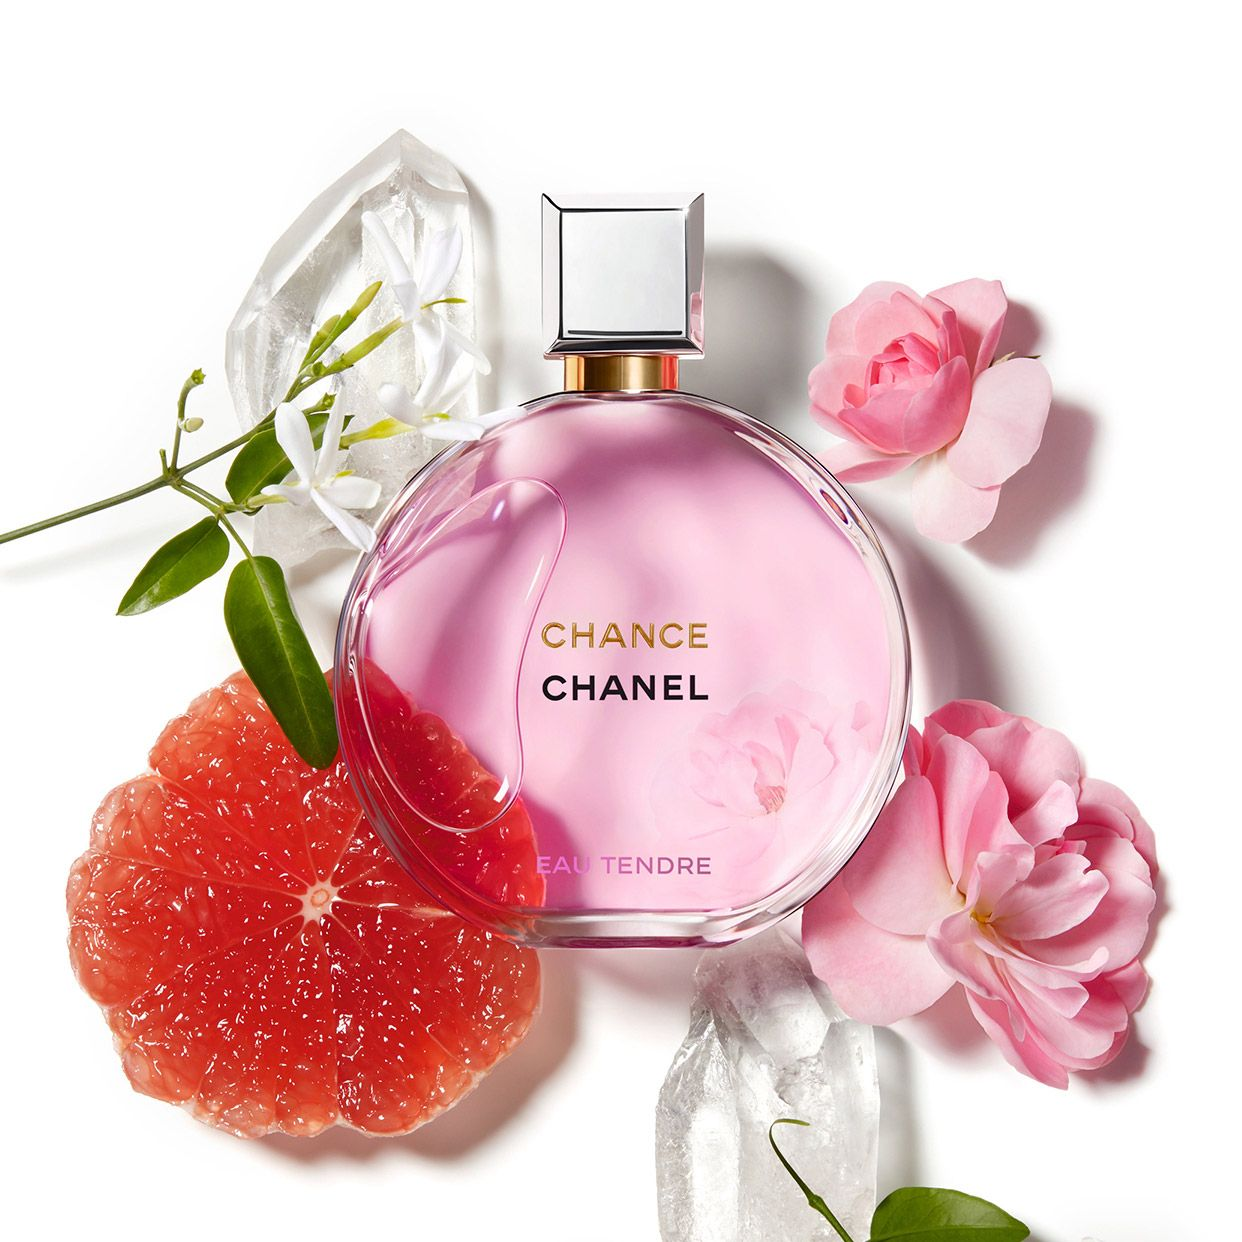 New Chance Eau Tendre Fragrance Fragrance Chanel Eau De Parfum Adds Rose Notes To Original Eau De Toilette For Lon Chanel Fragrance Perfume Chanel Perfume